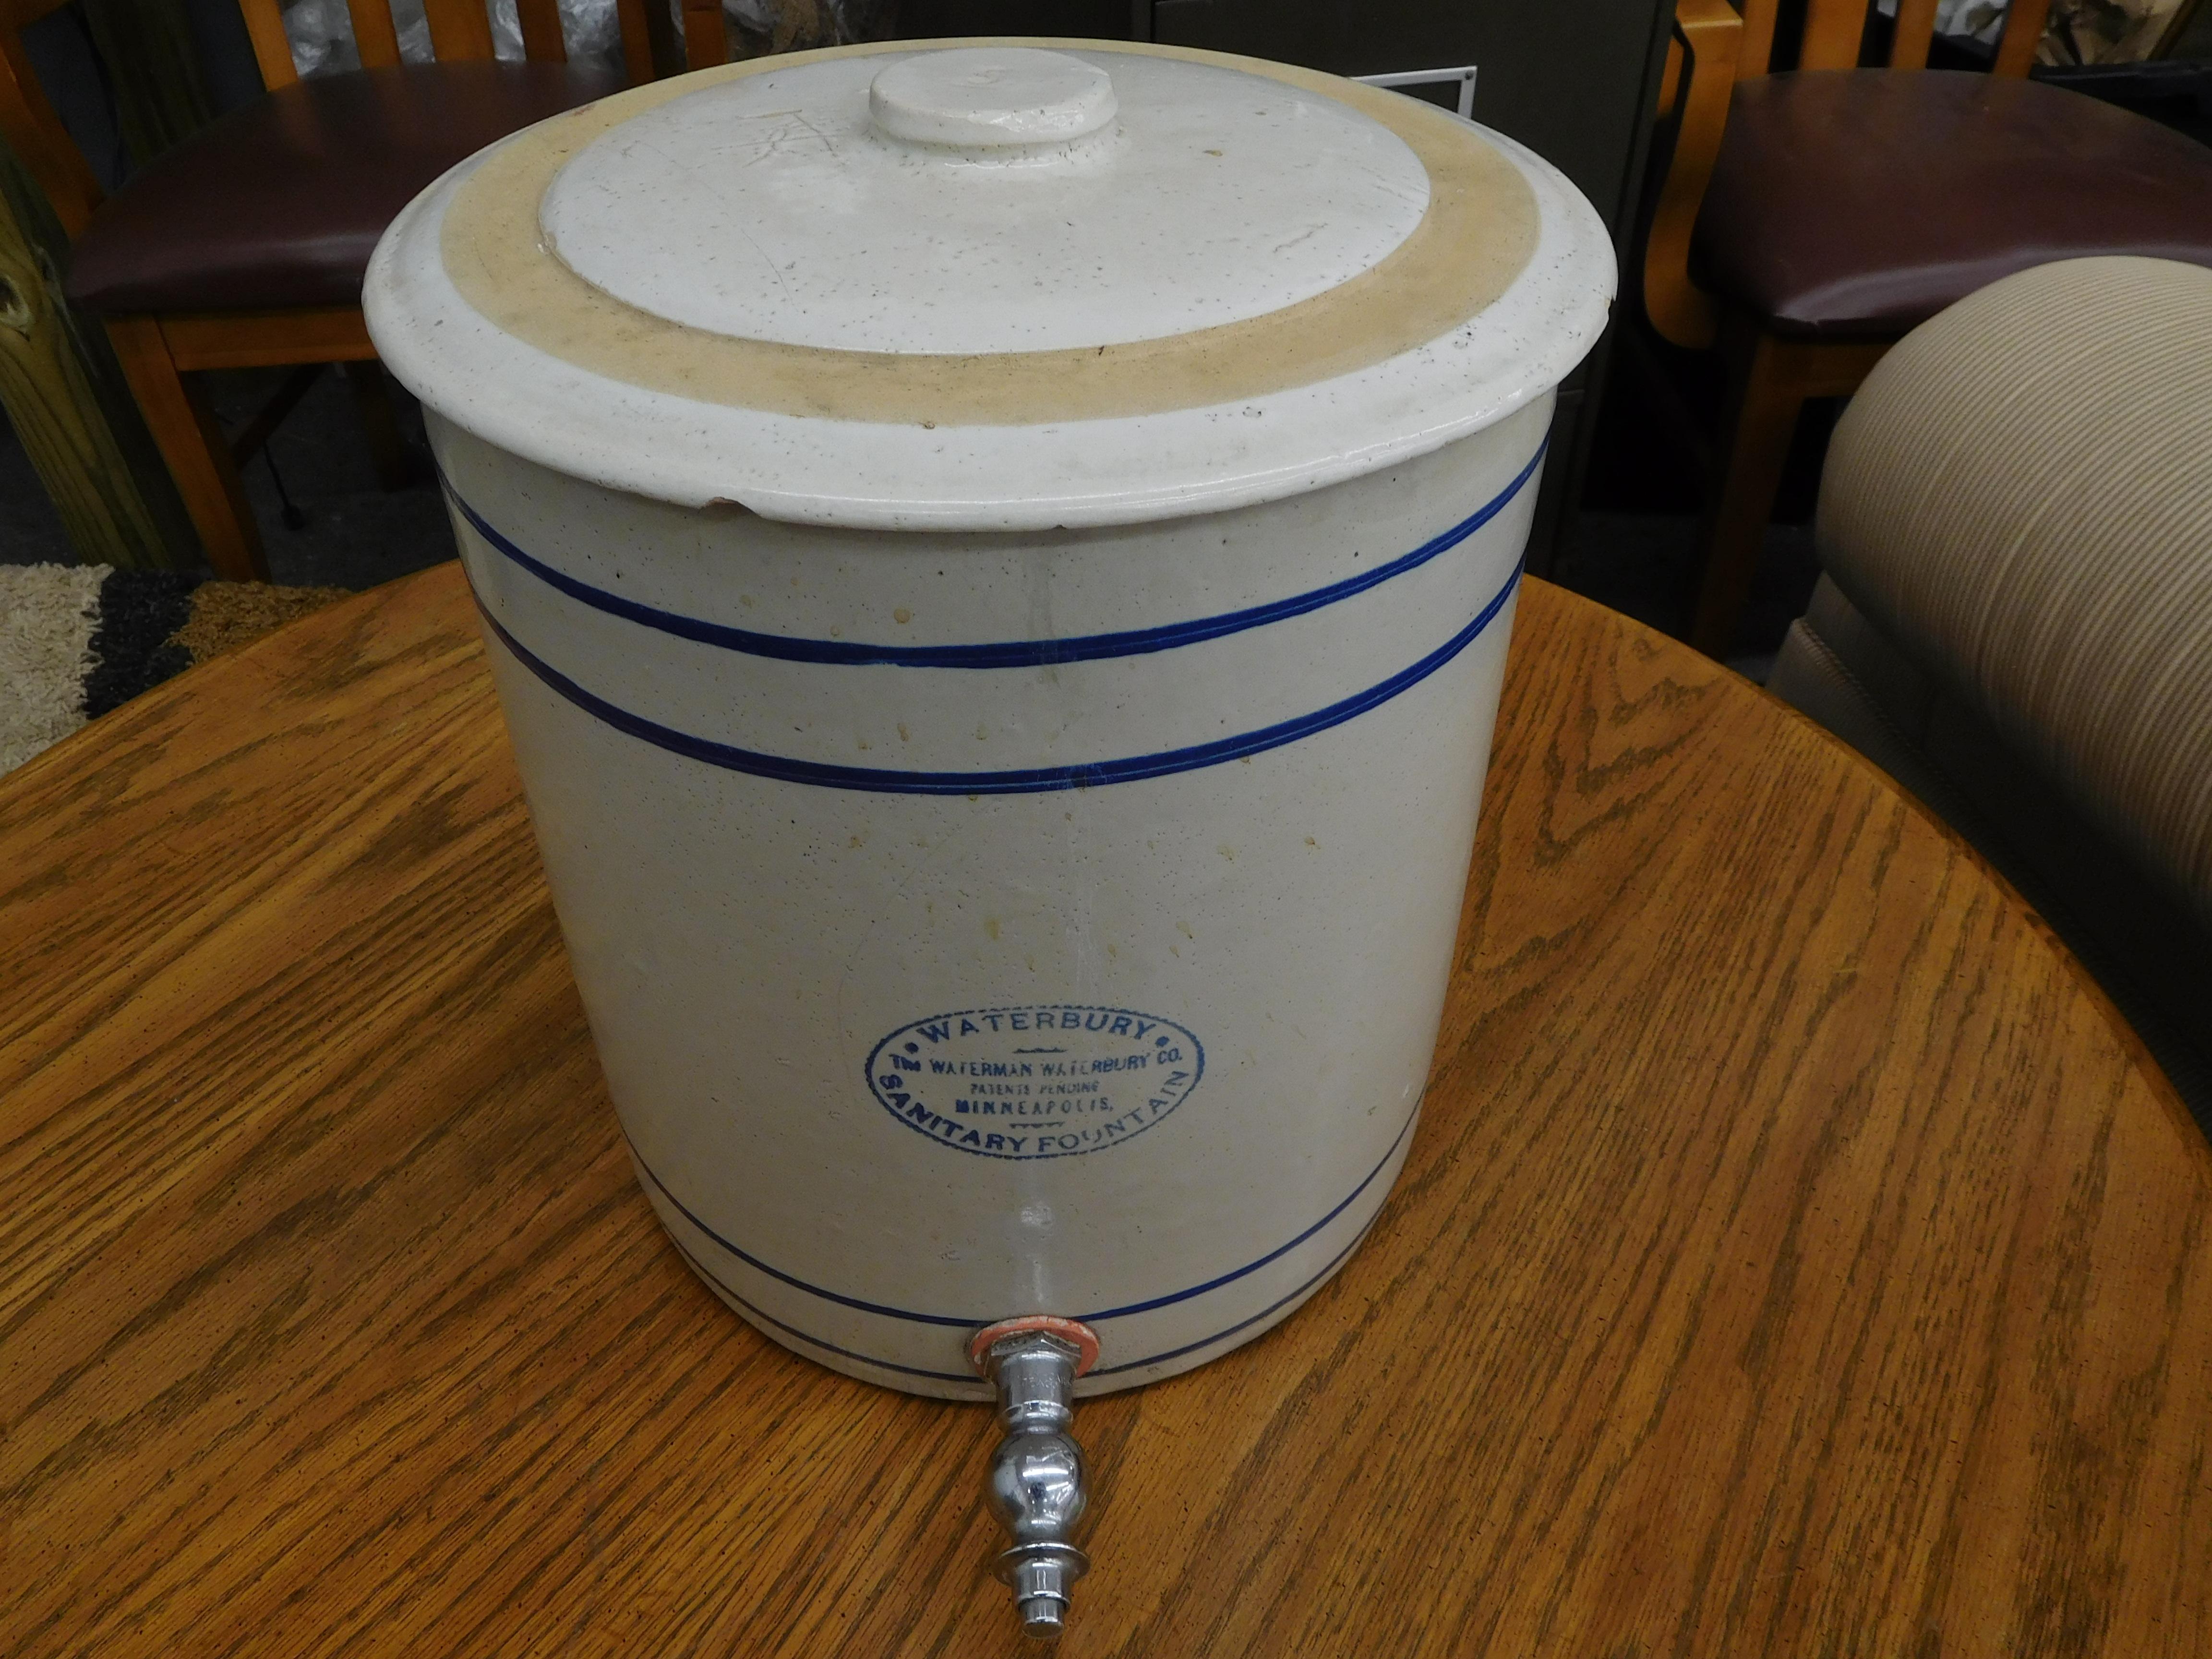 Vintage Waterbury Ceramic Beverage Jug with Spigot